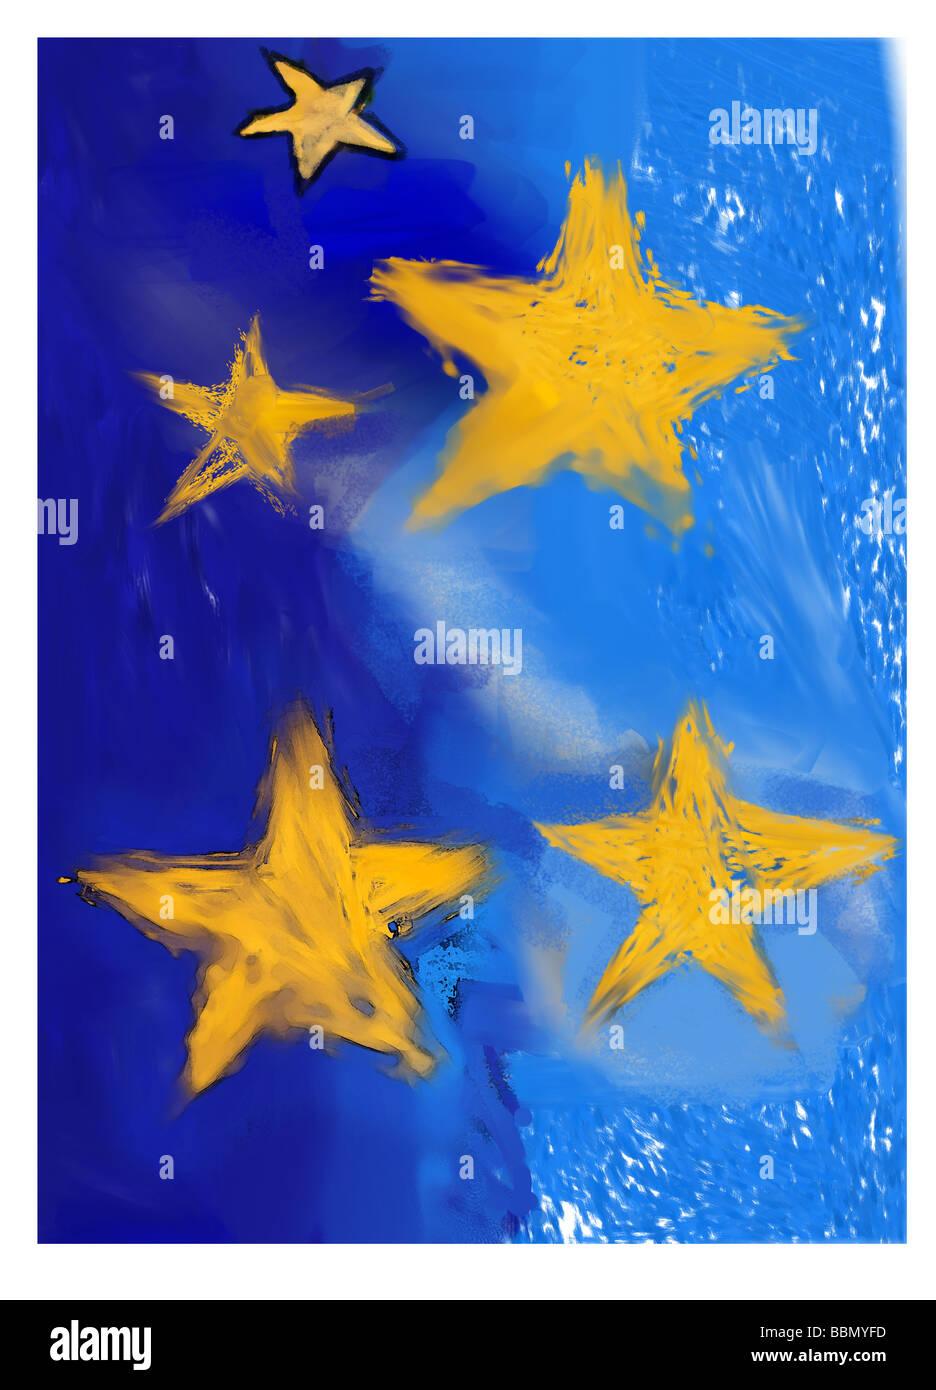 Abbildung von Sternen auf blauem Grund Stockbild